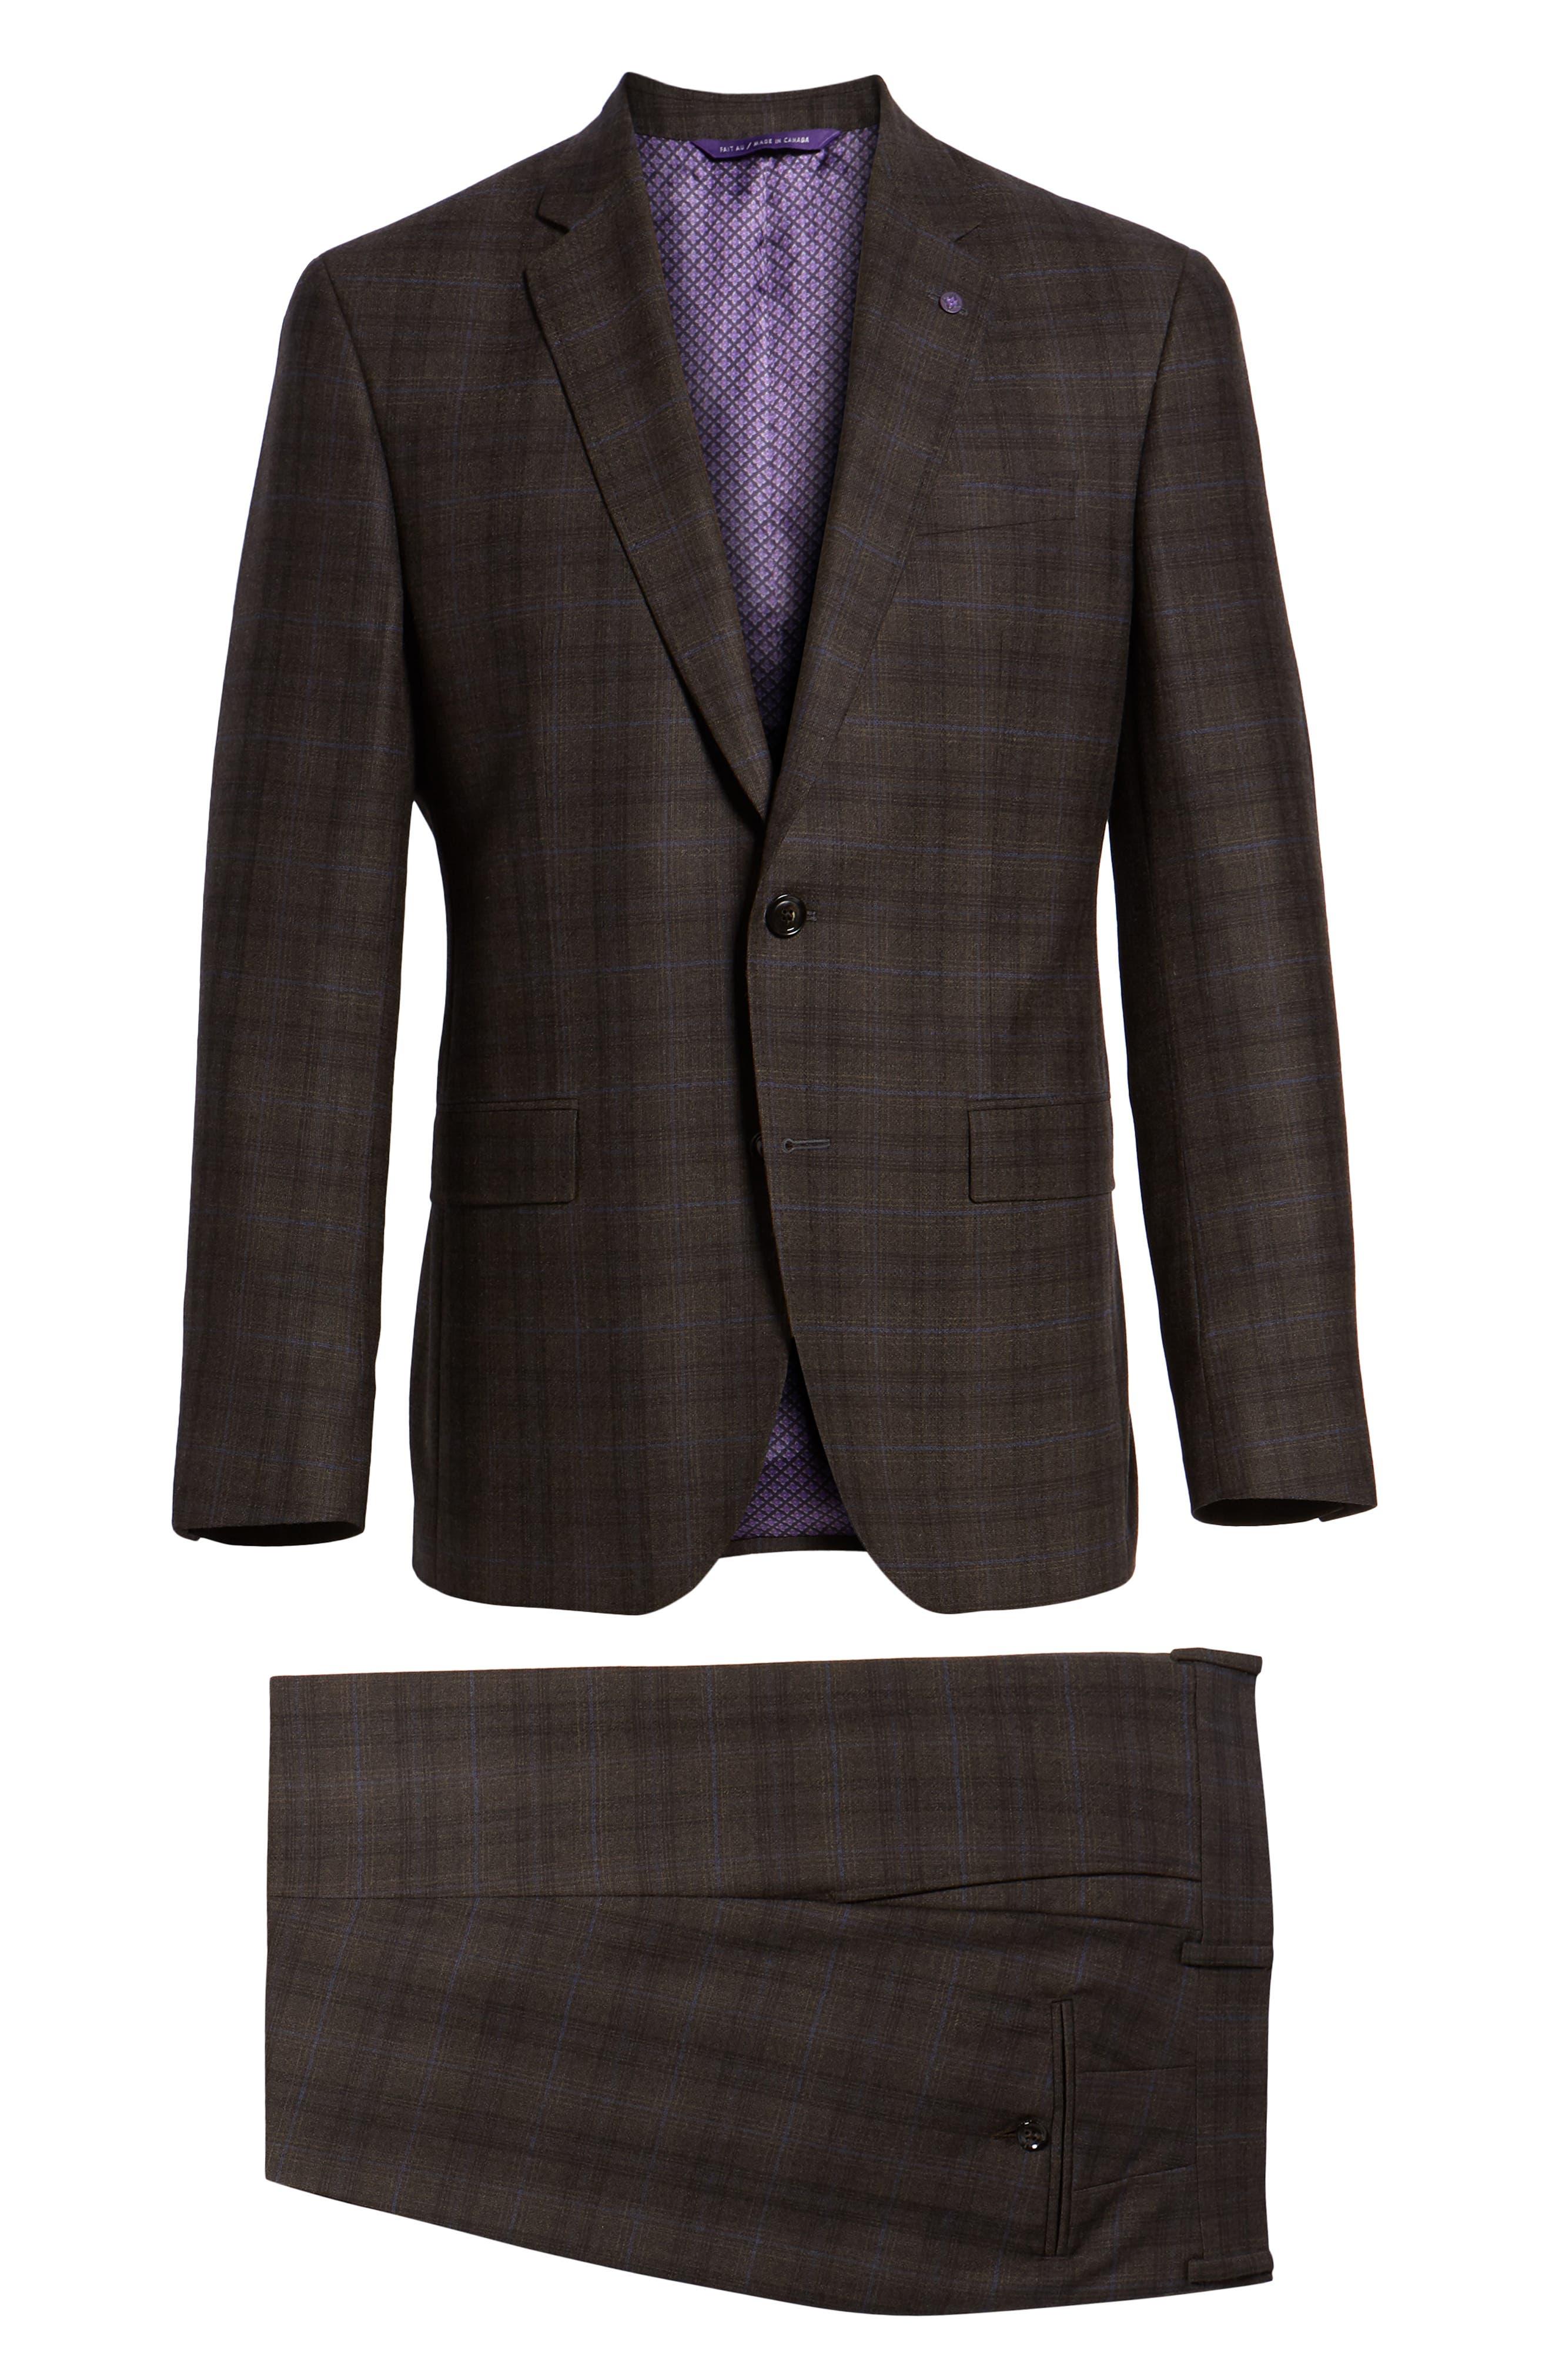 Jay Trim Fit Plaid Wool Suit,                             Alternate thumbnail 8, color,                             BROWN PLAID